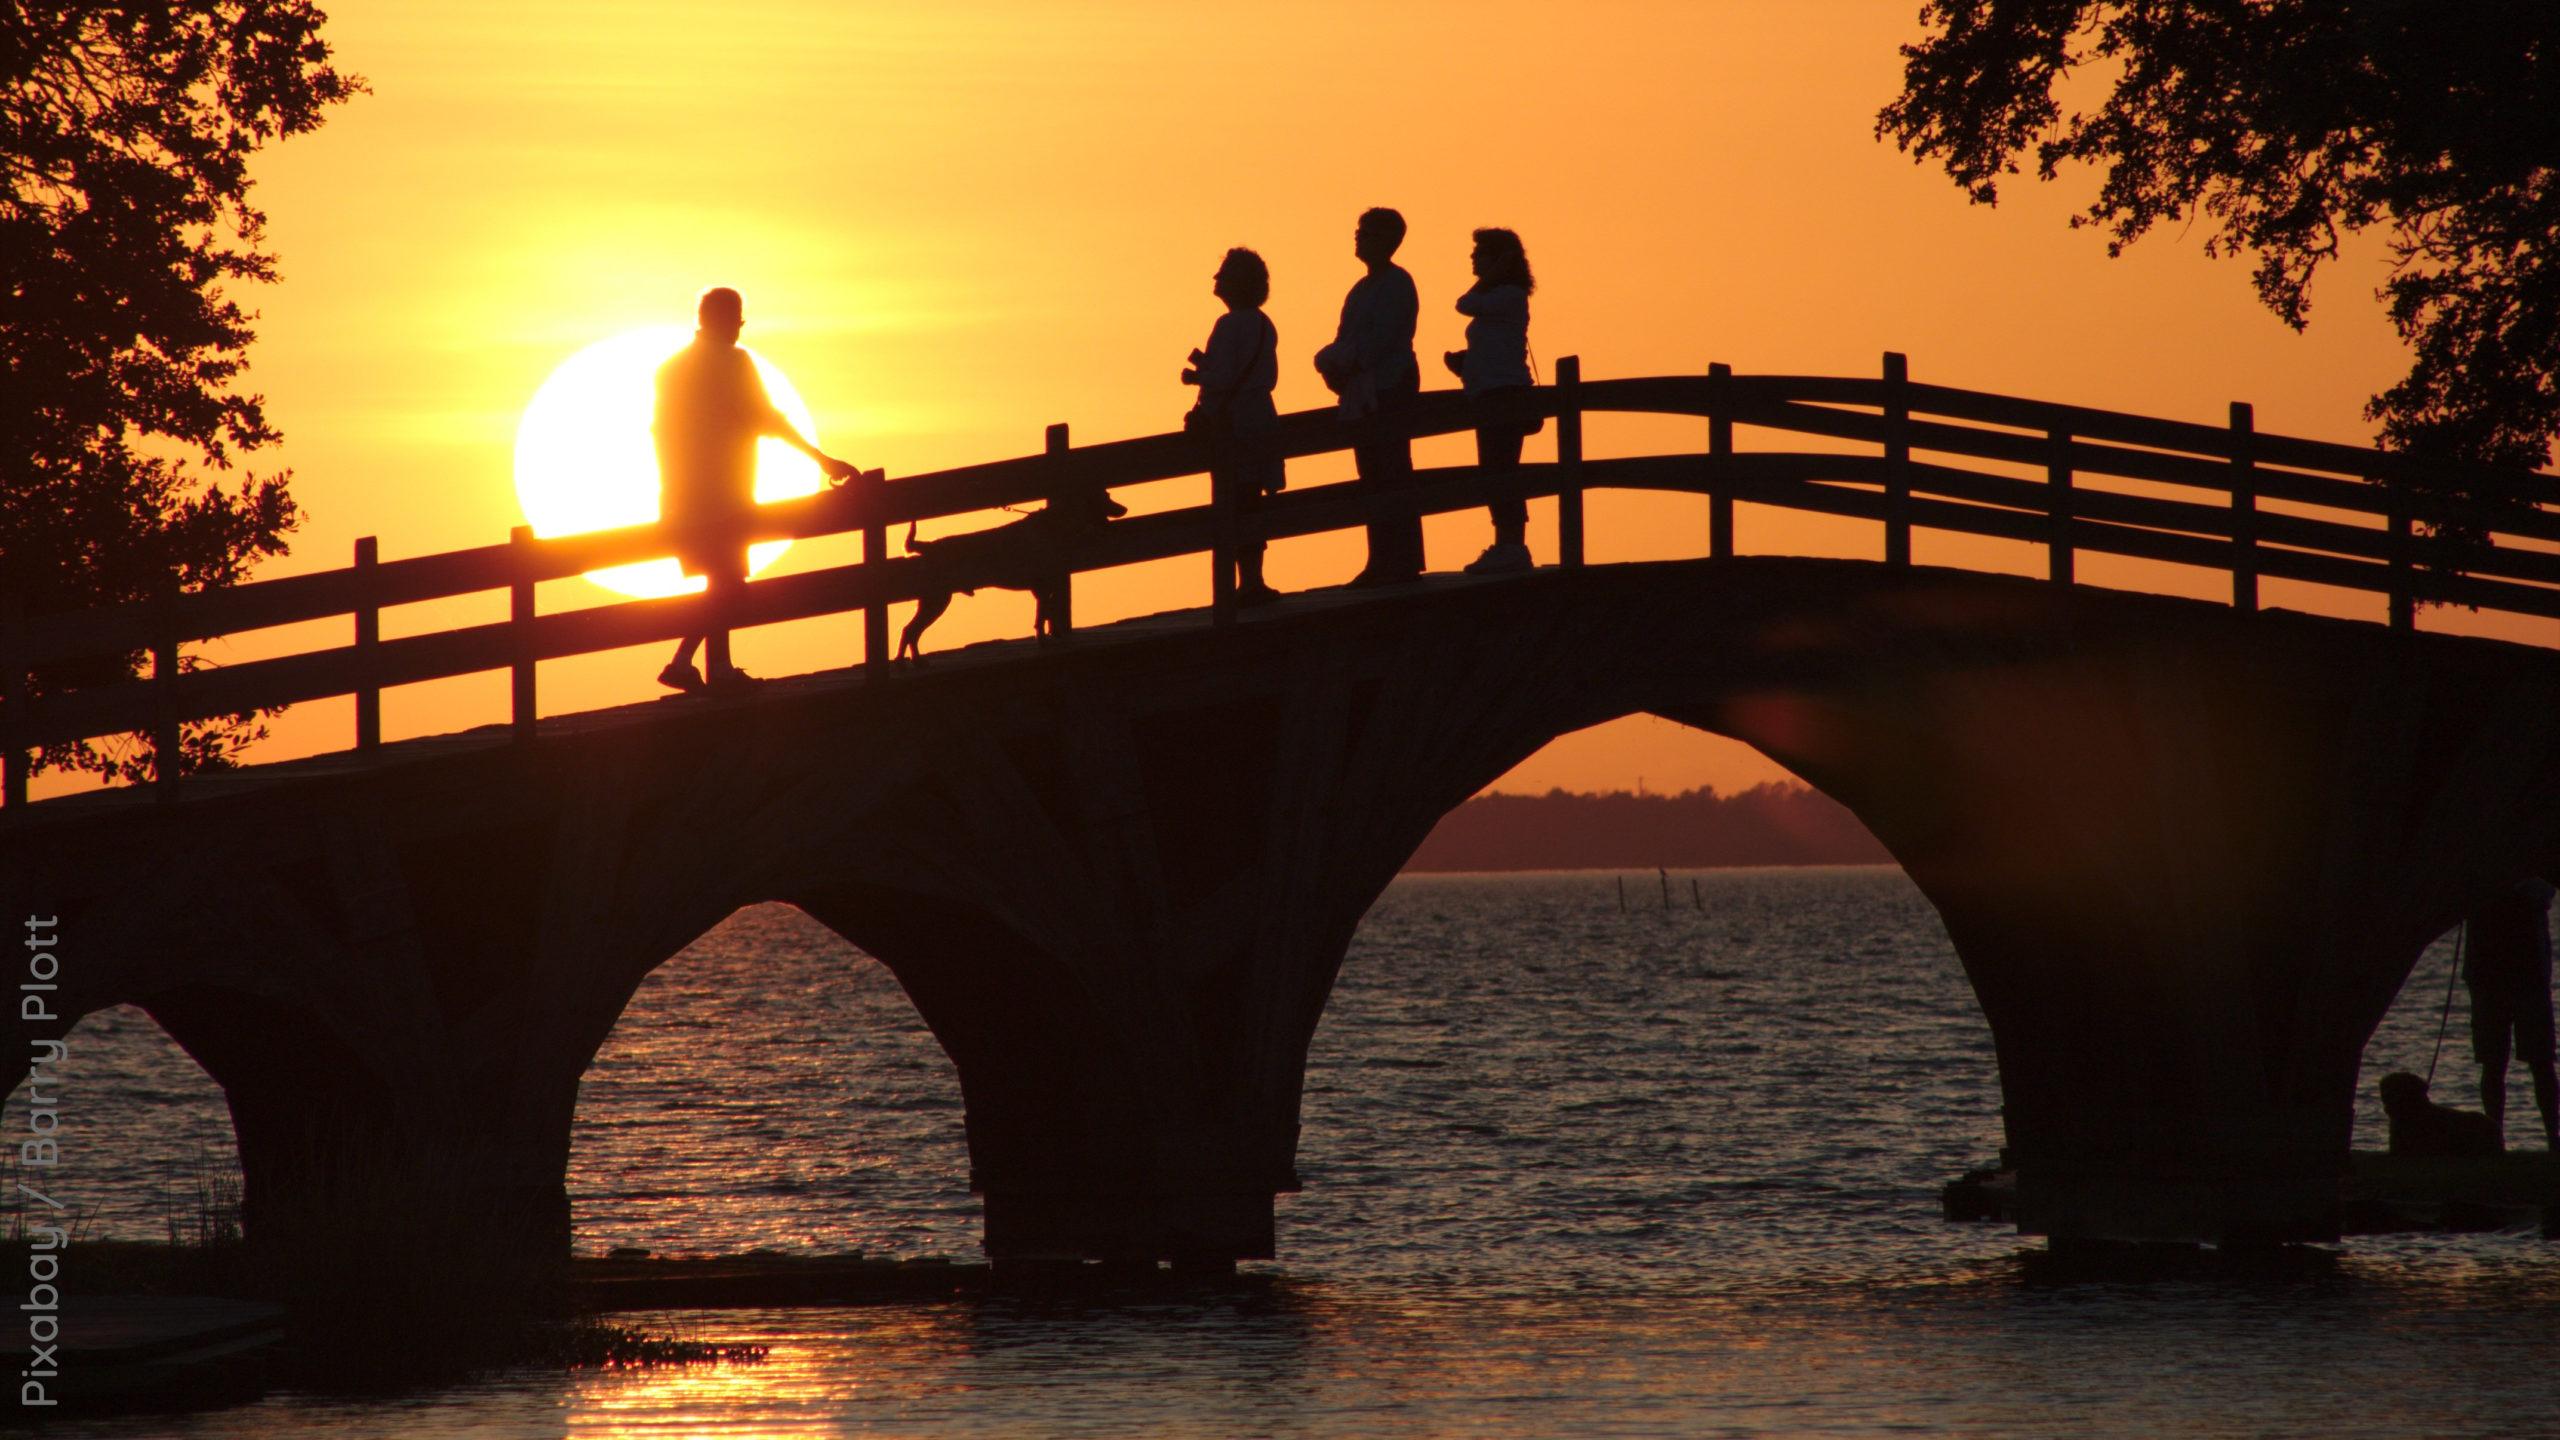 Abendhimmel mit Sonnenuntergang, Menschen auf einer Brücke über das Wasser